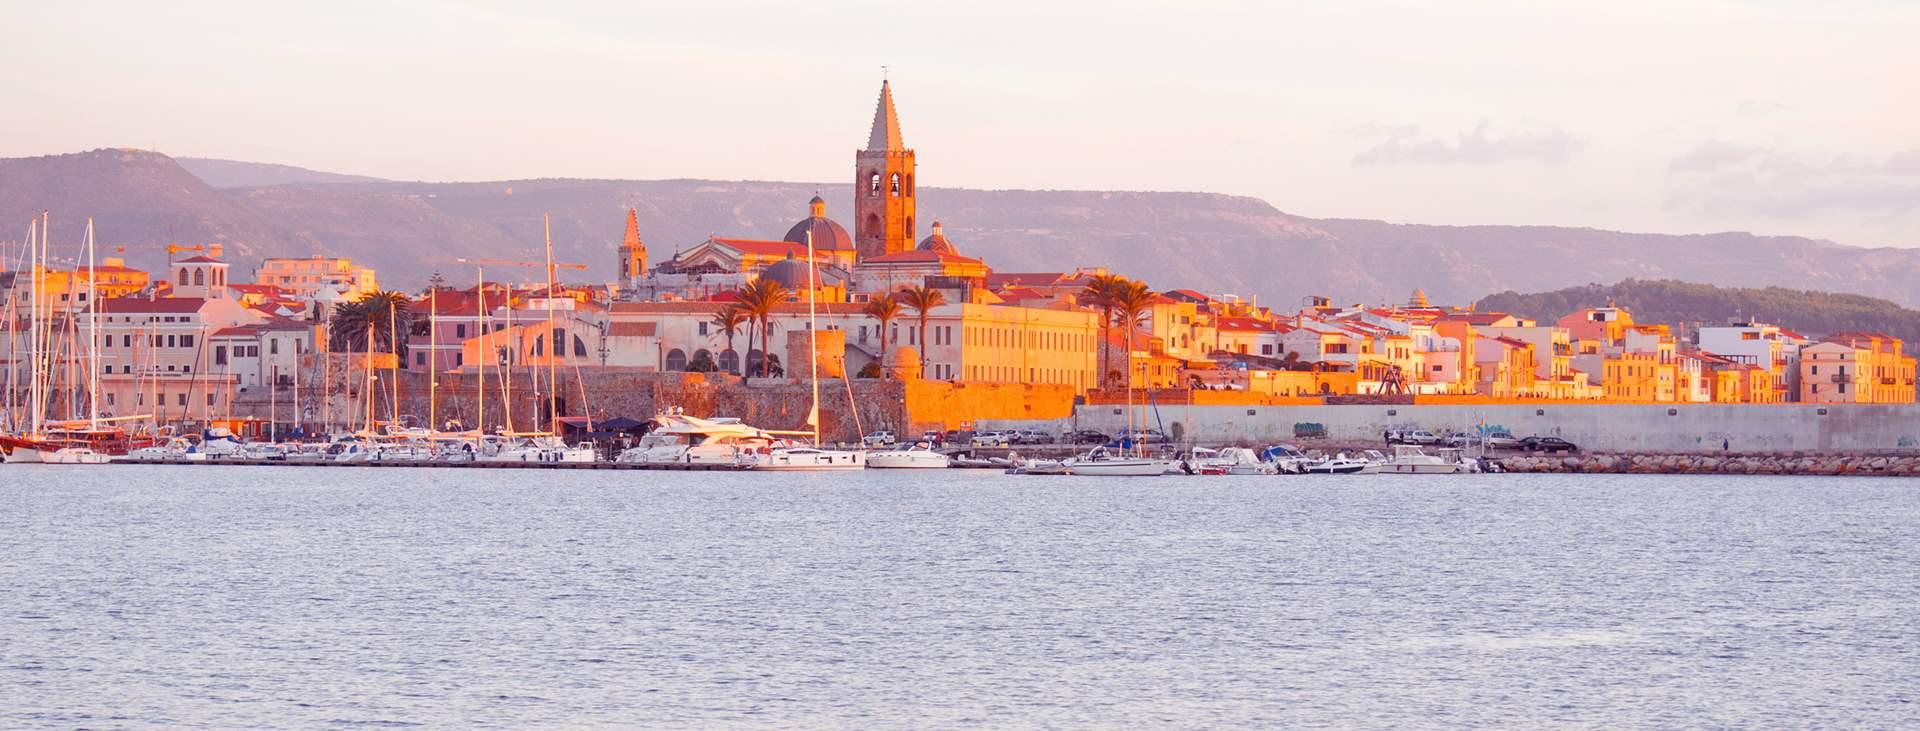 Bestill en reise til Alghero på Sardinia med Ving